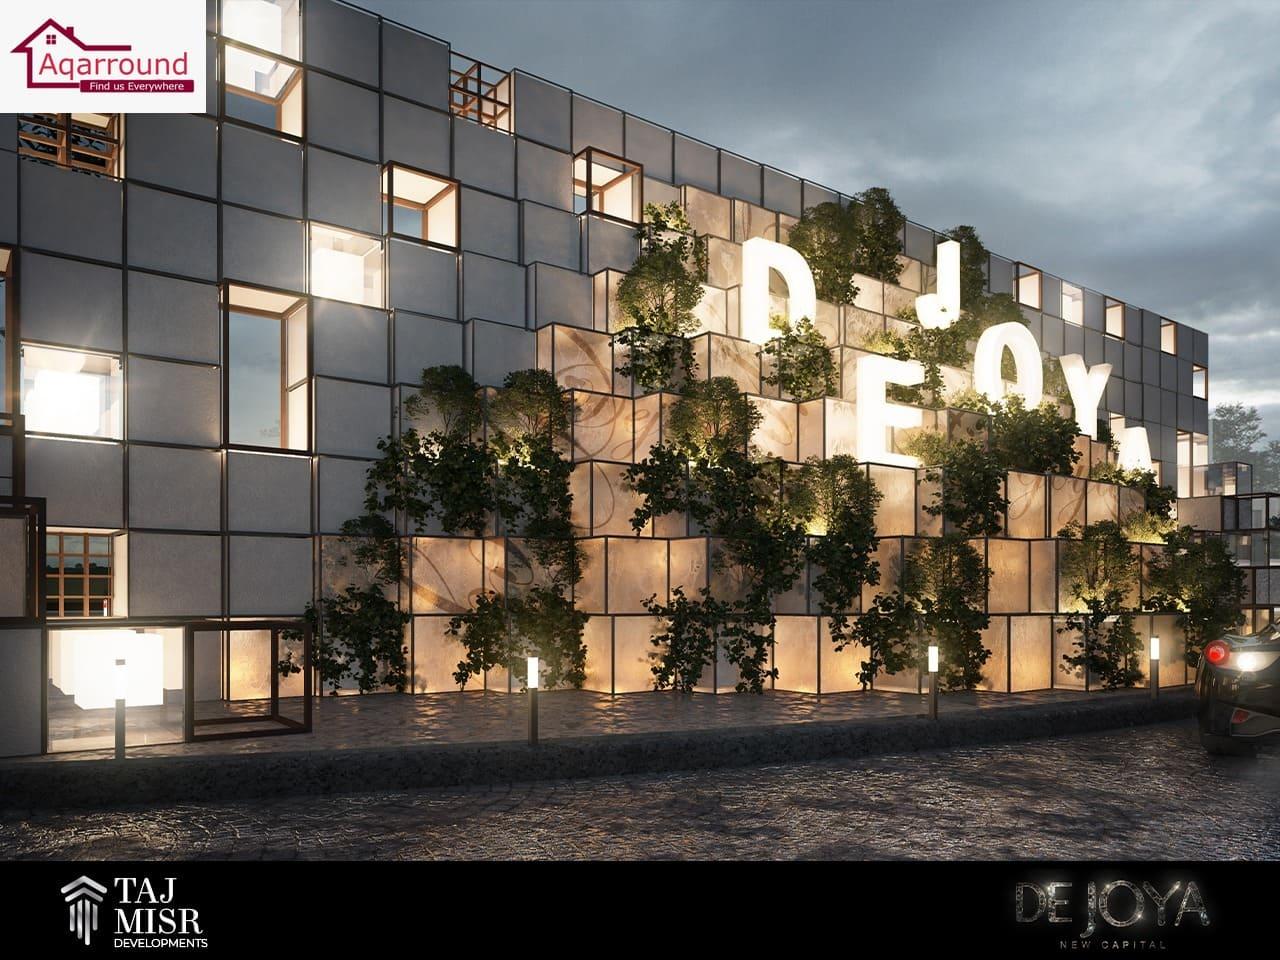 مول دي جويا العاصمة الإدارية de joya mall new capital